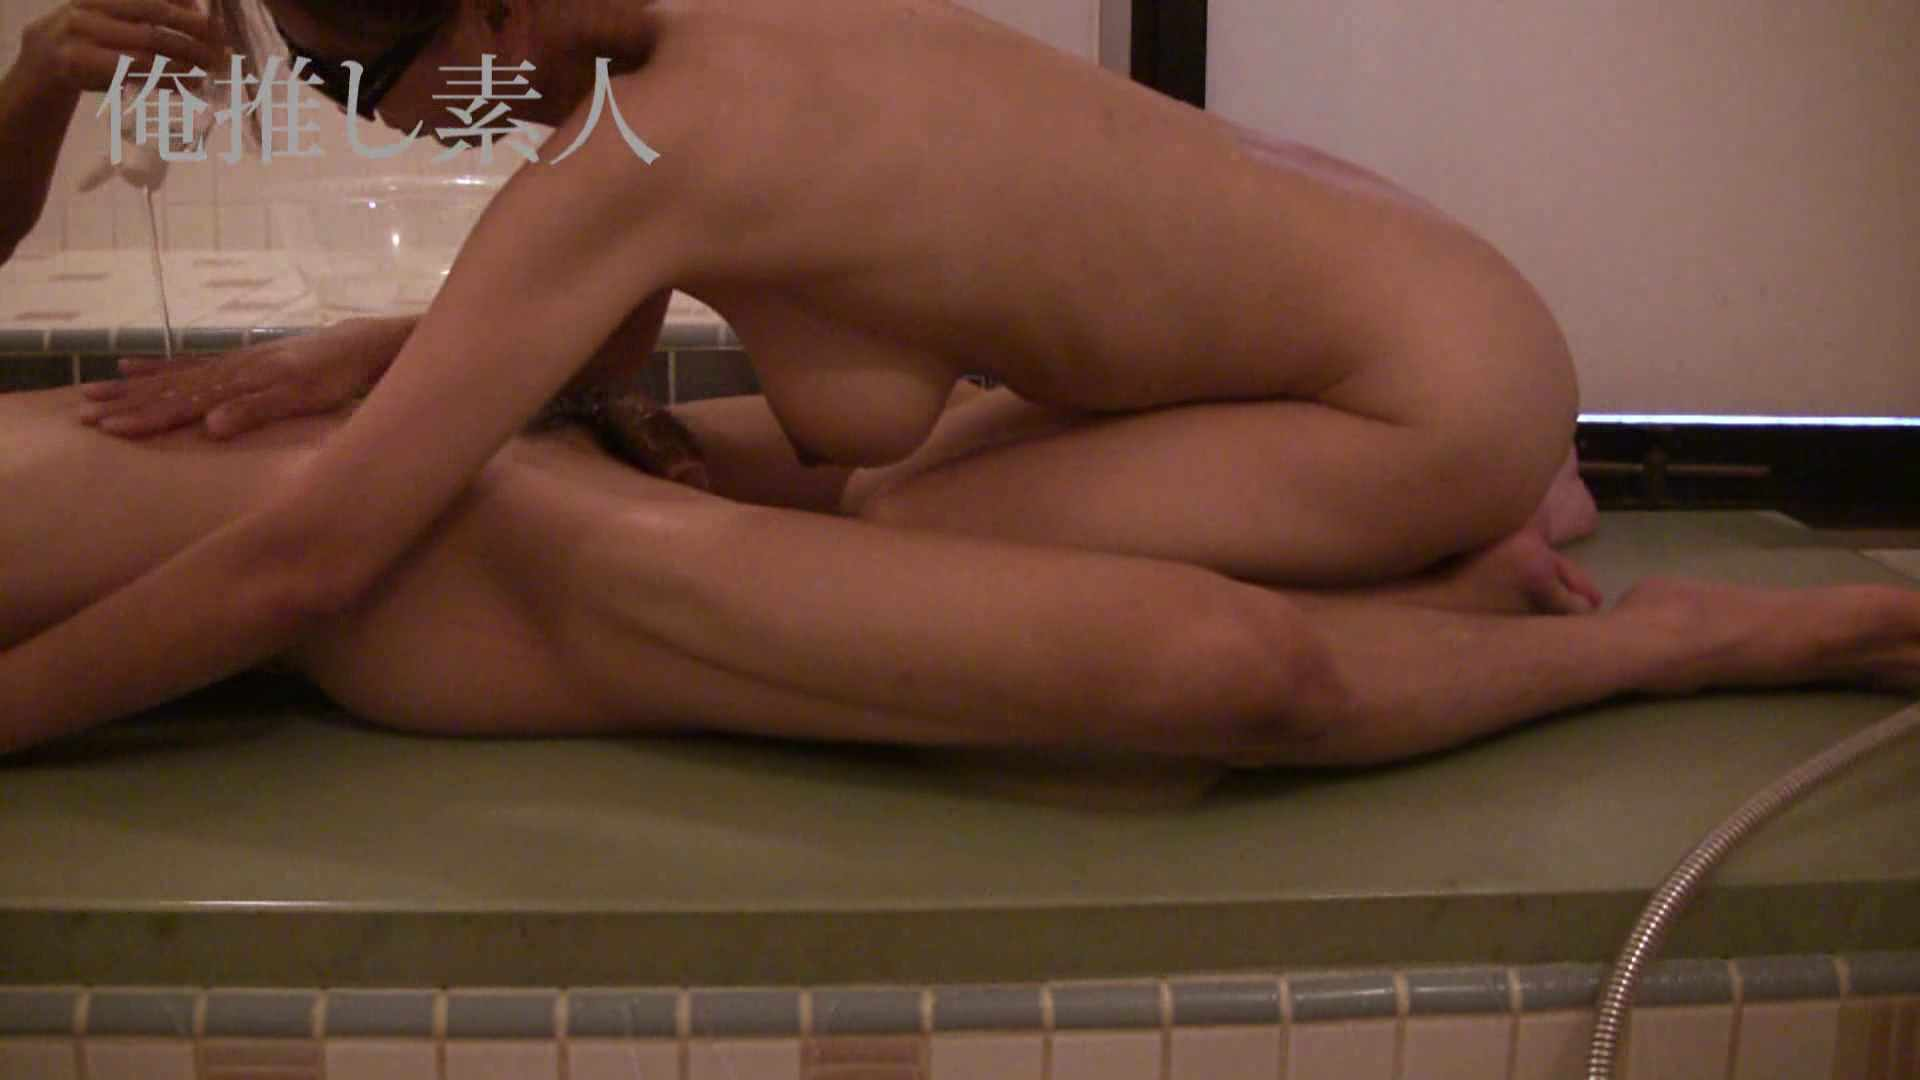 俺推し素人 30代人妻熟女キャバ嬢雫Vol.02 エッチなキャバ嬢   熟女の女体  71pic 36